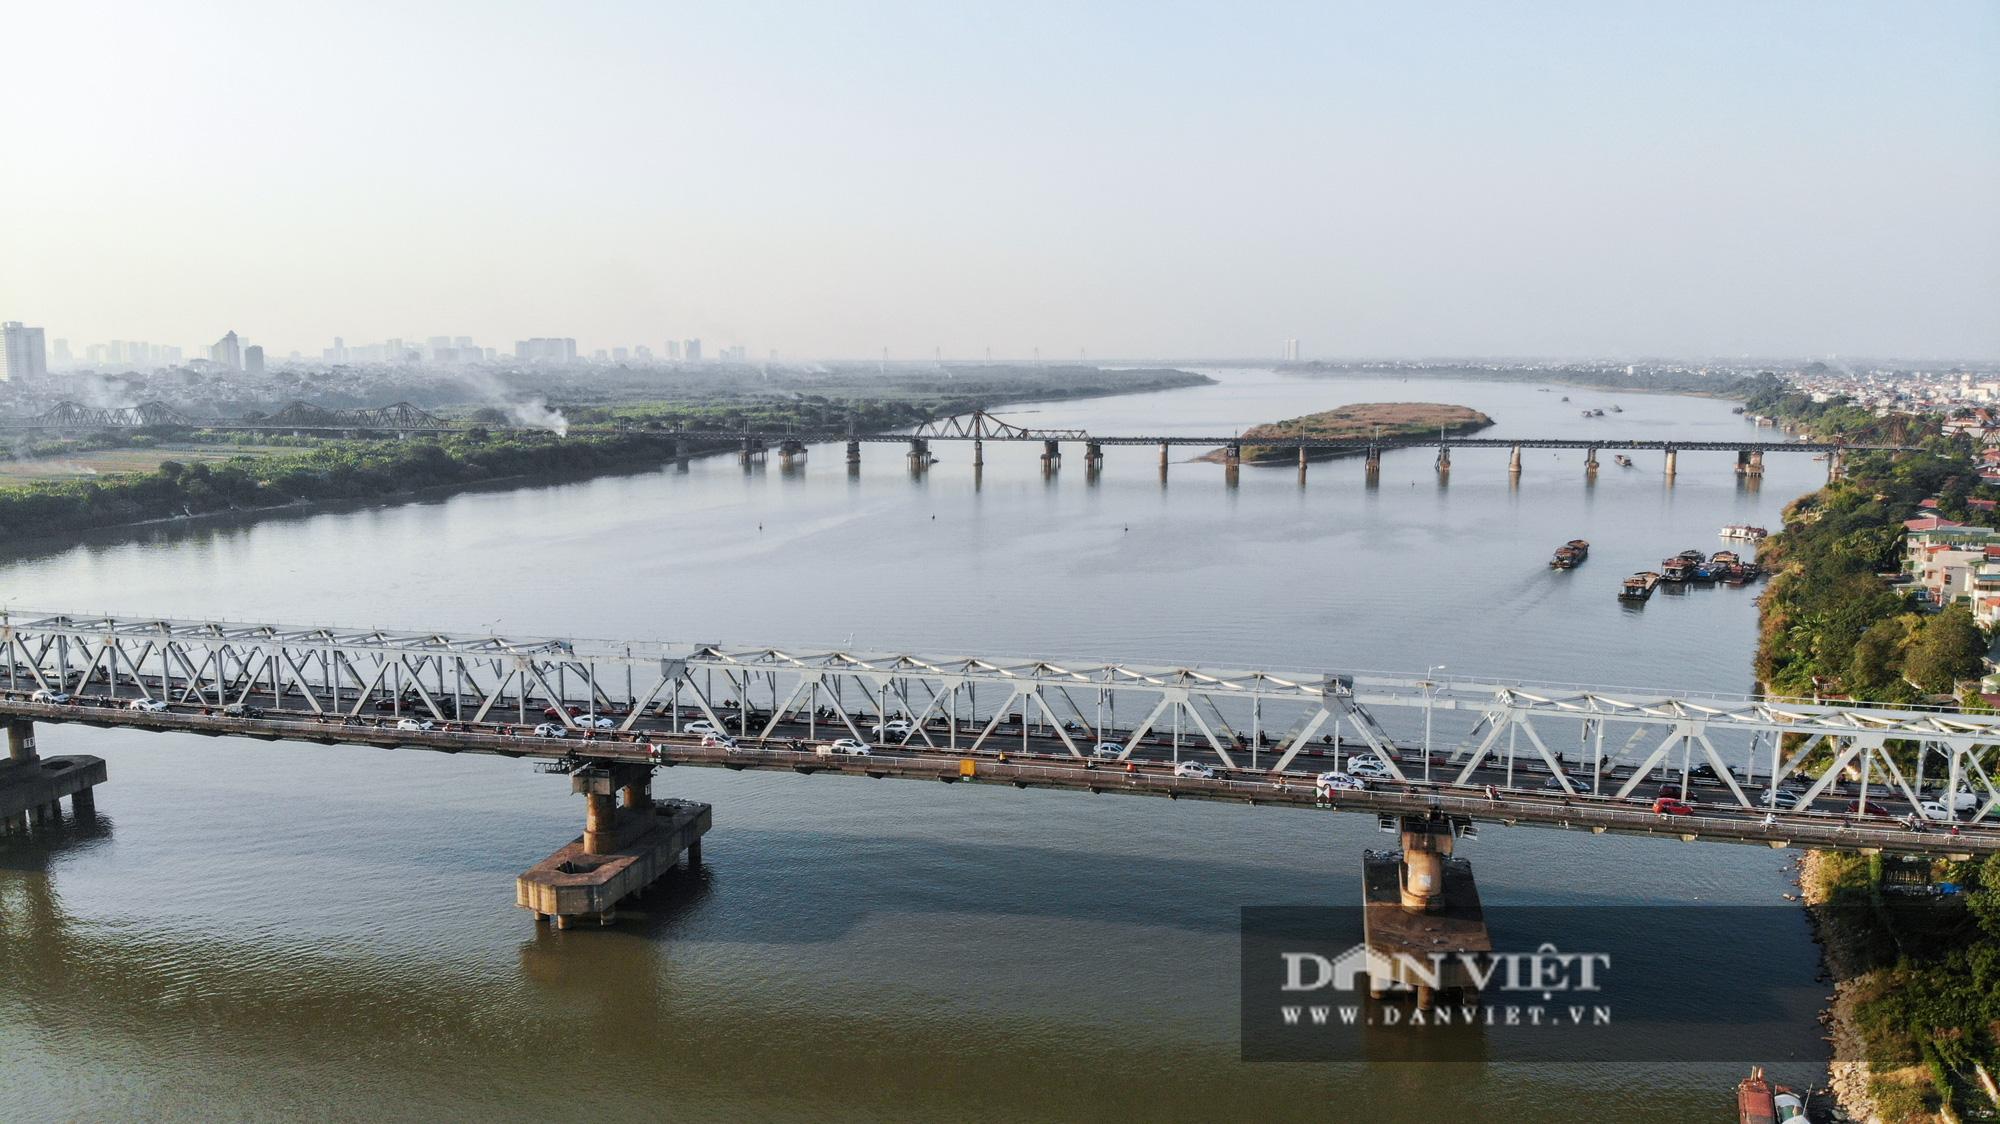 Những hoạt động trong khu vực quy hoạch ven sông Hồng có gì? - Ảnh 3.